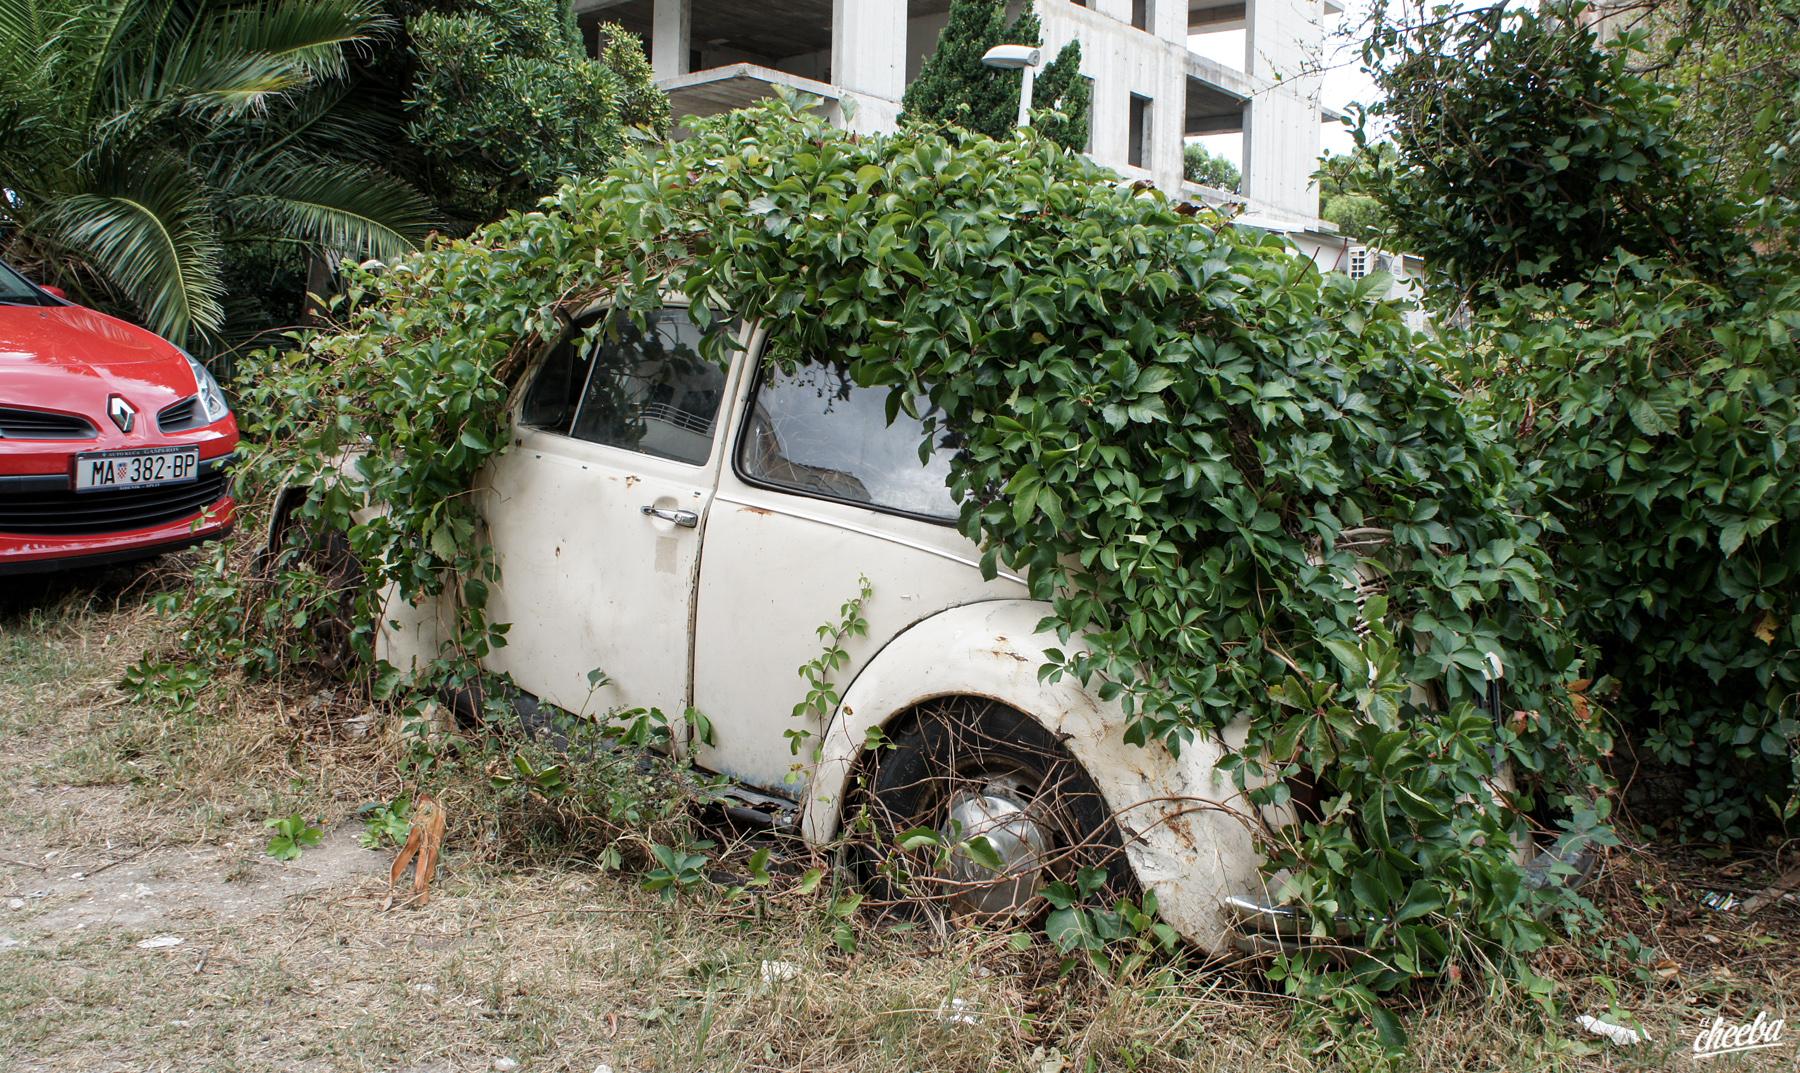 La Coccinelle Verdura, épave de coccinelle abandonnée - Urbex Croatie